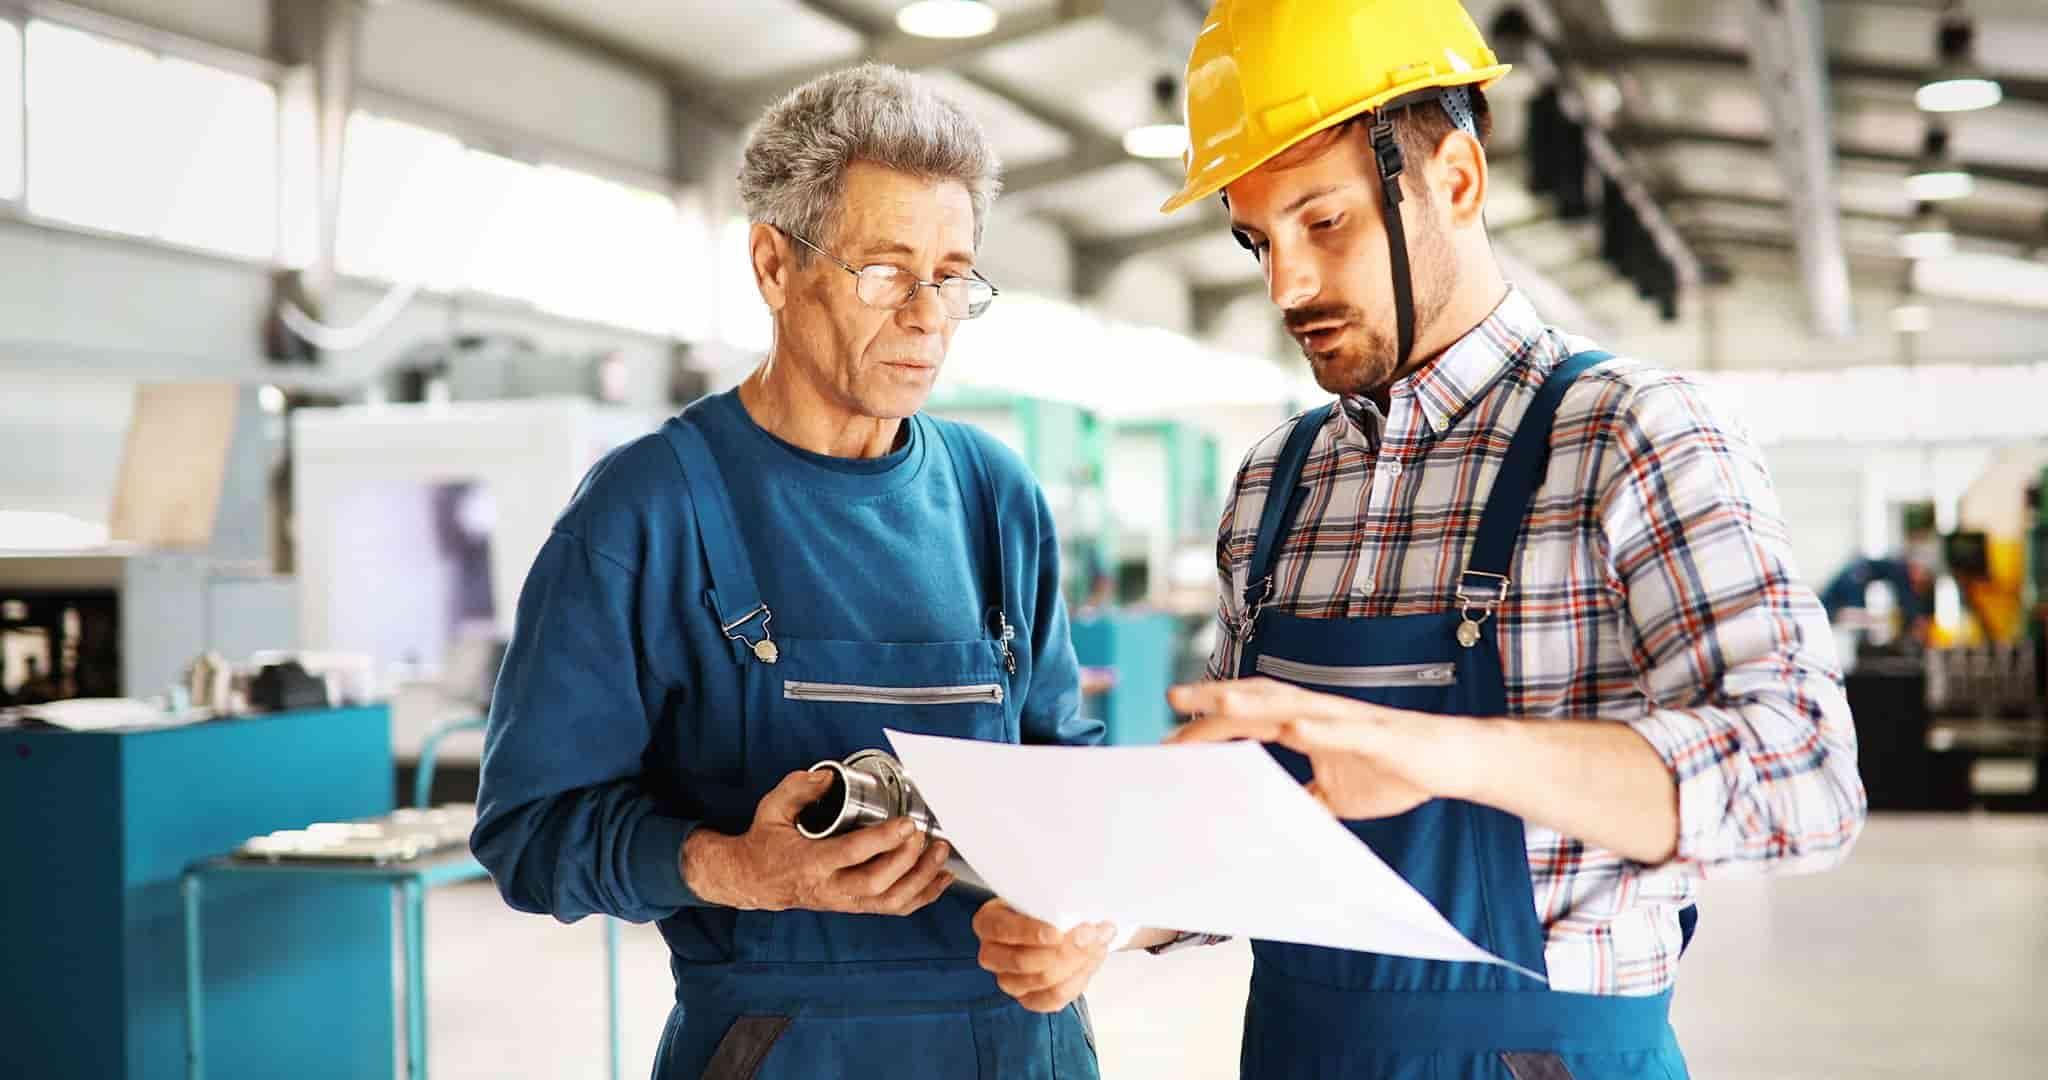 Gestão De Projetos Industriais – 5 Dicas Para Não Perder O Controle Orçamentário E De Prazos!